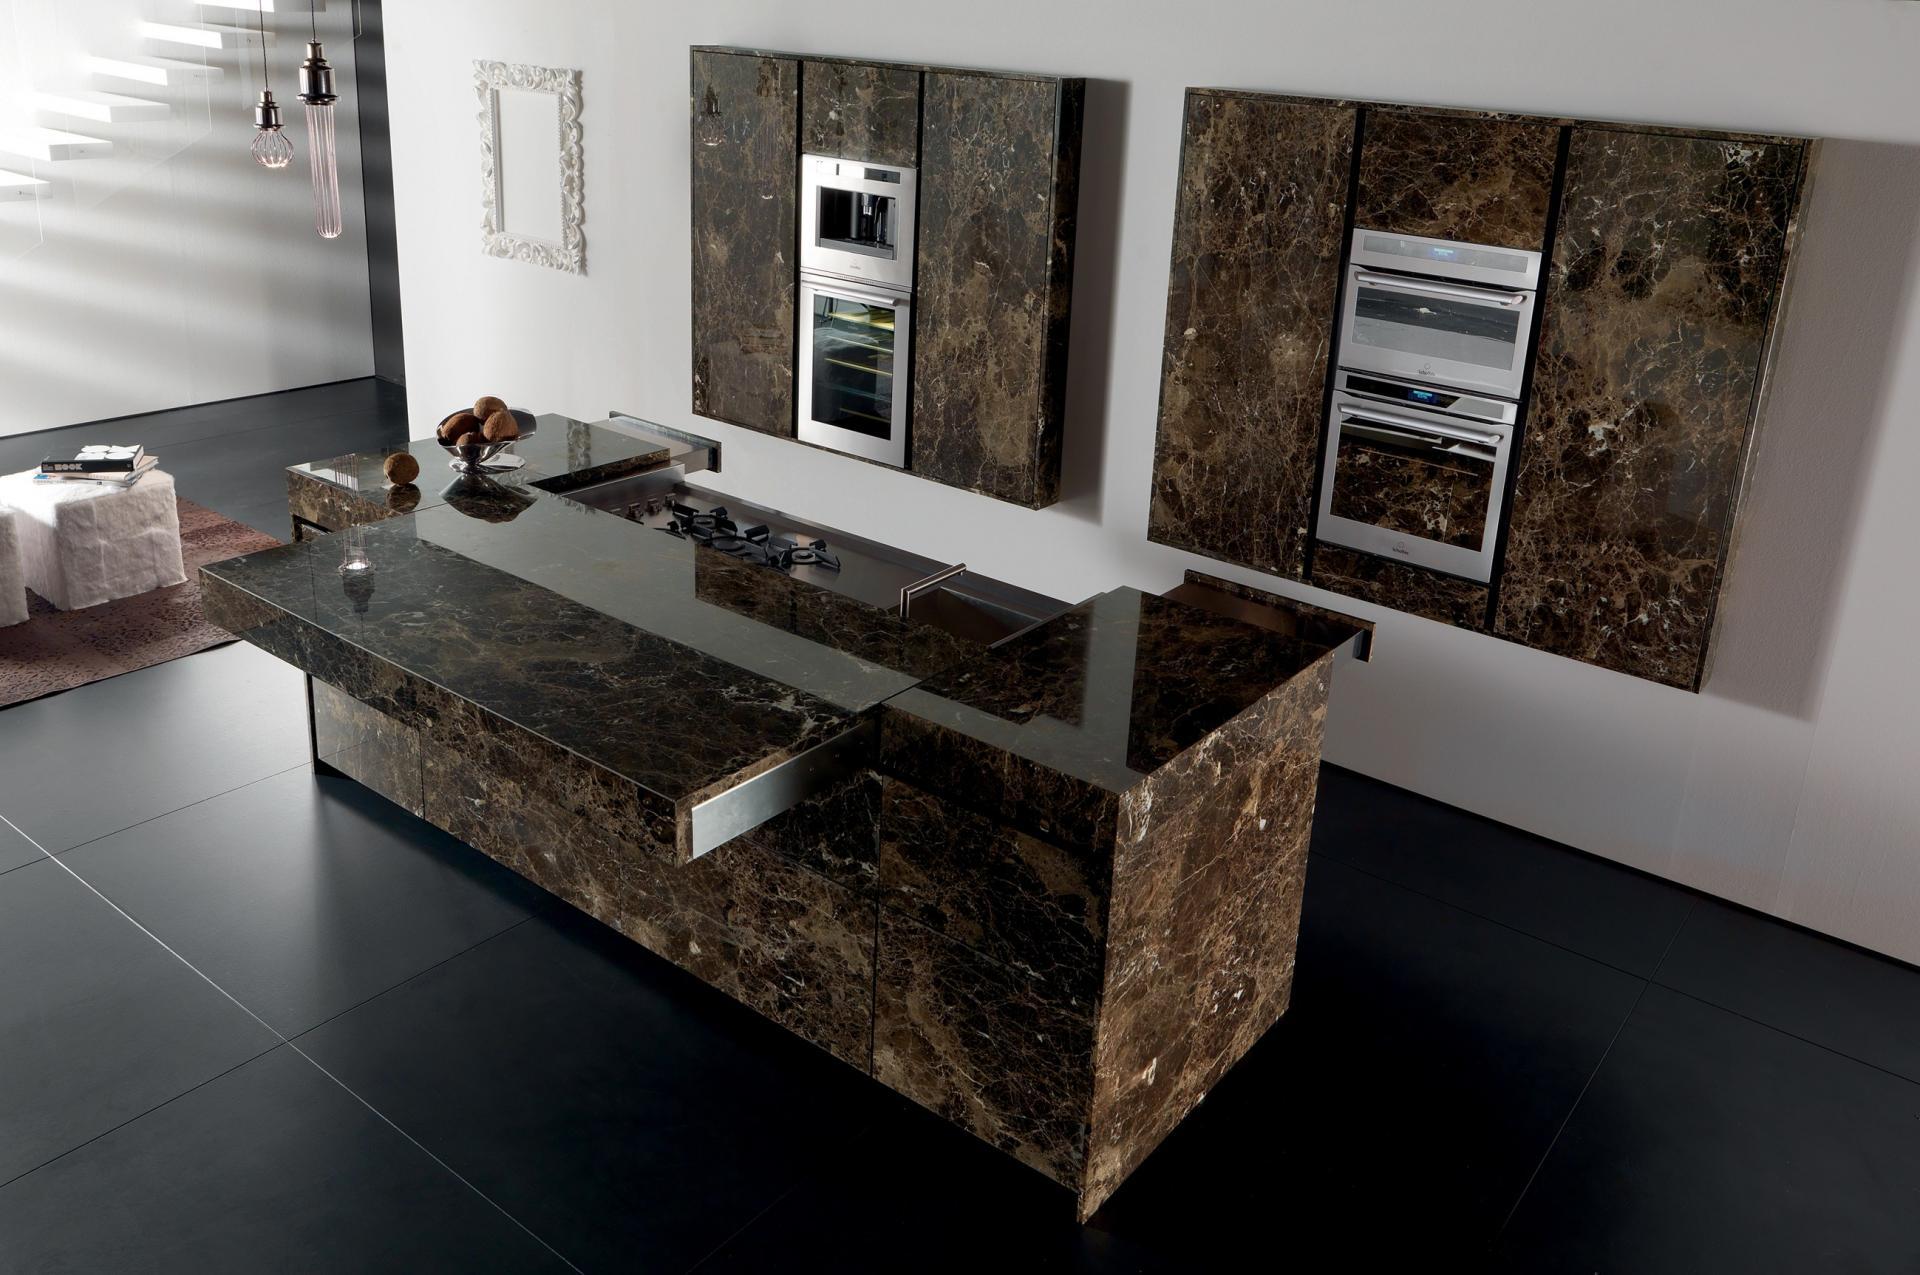 natursteinküche braun mit eingebauten küchengeräten und schibbarer Küchenarbeitsplatte